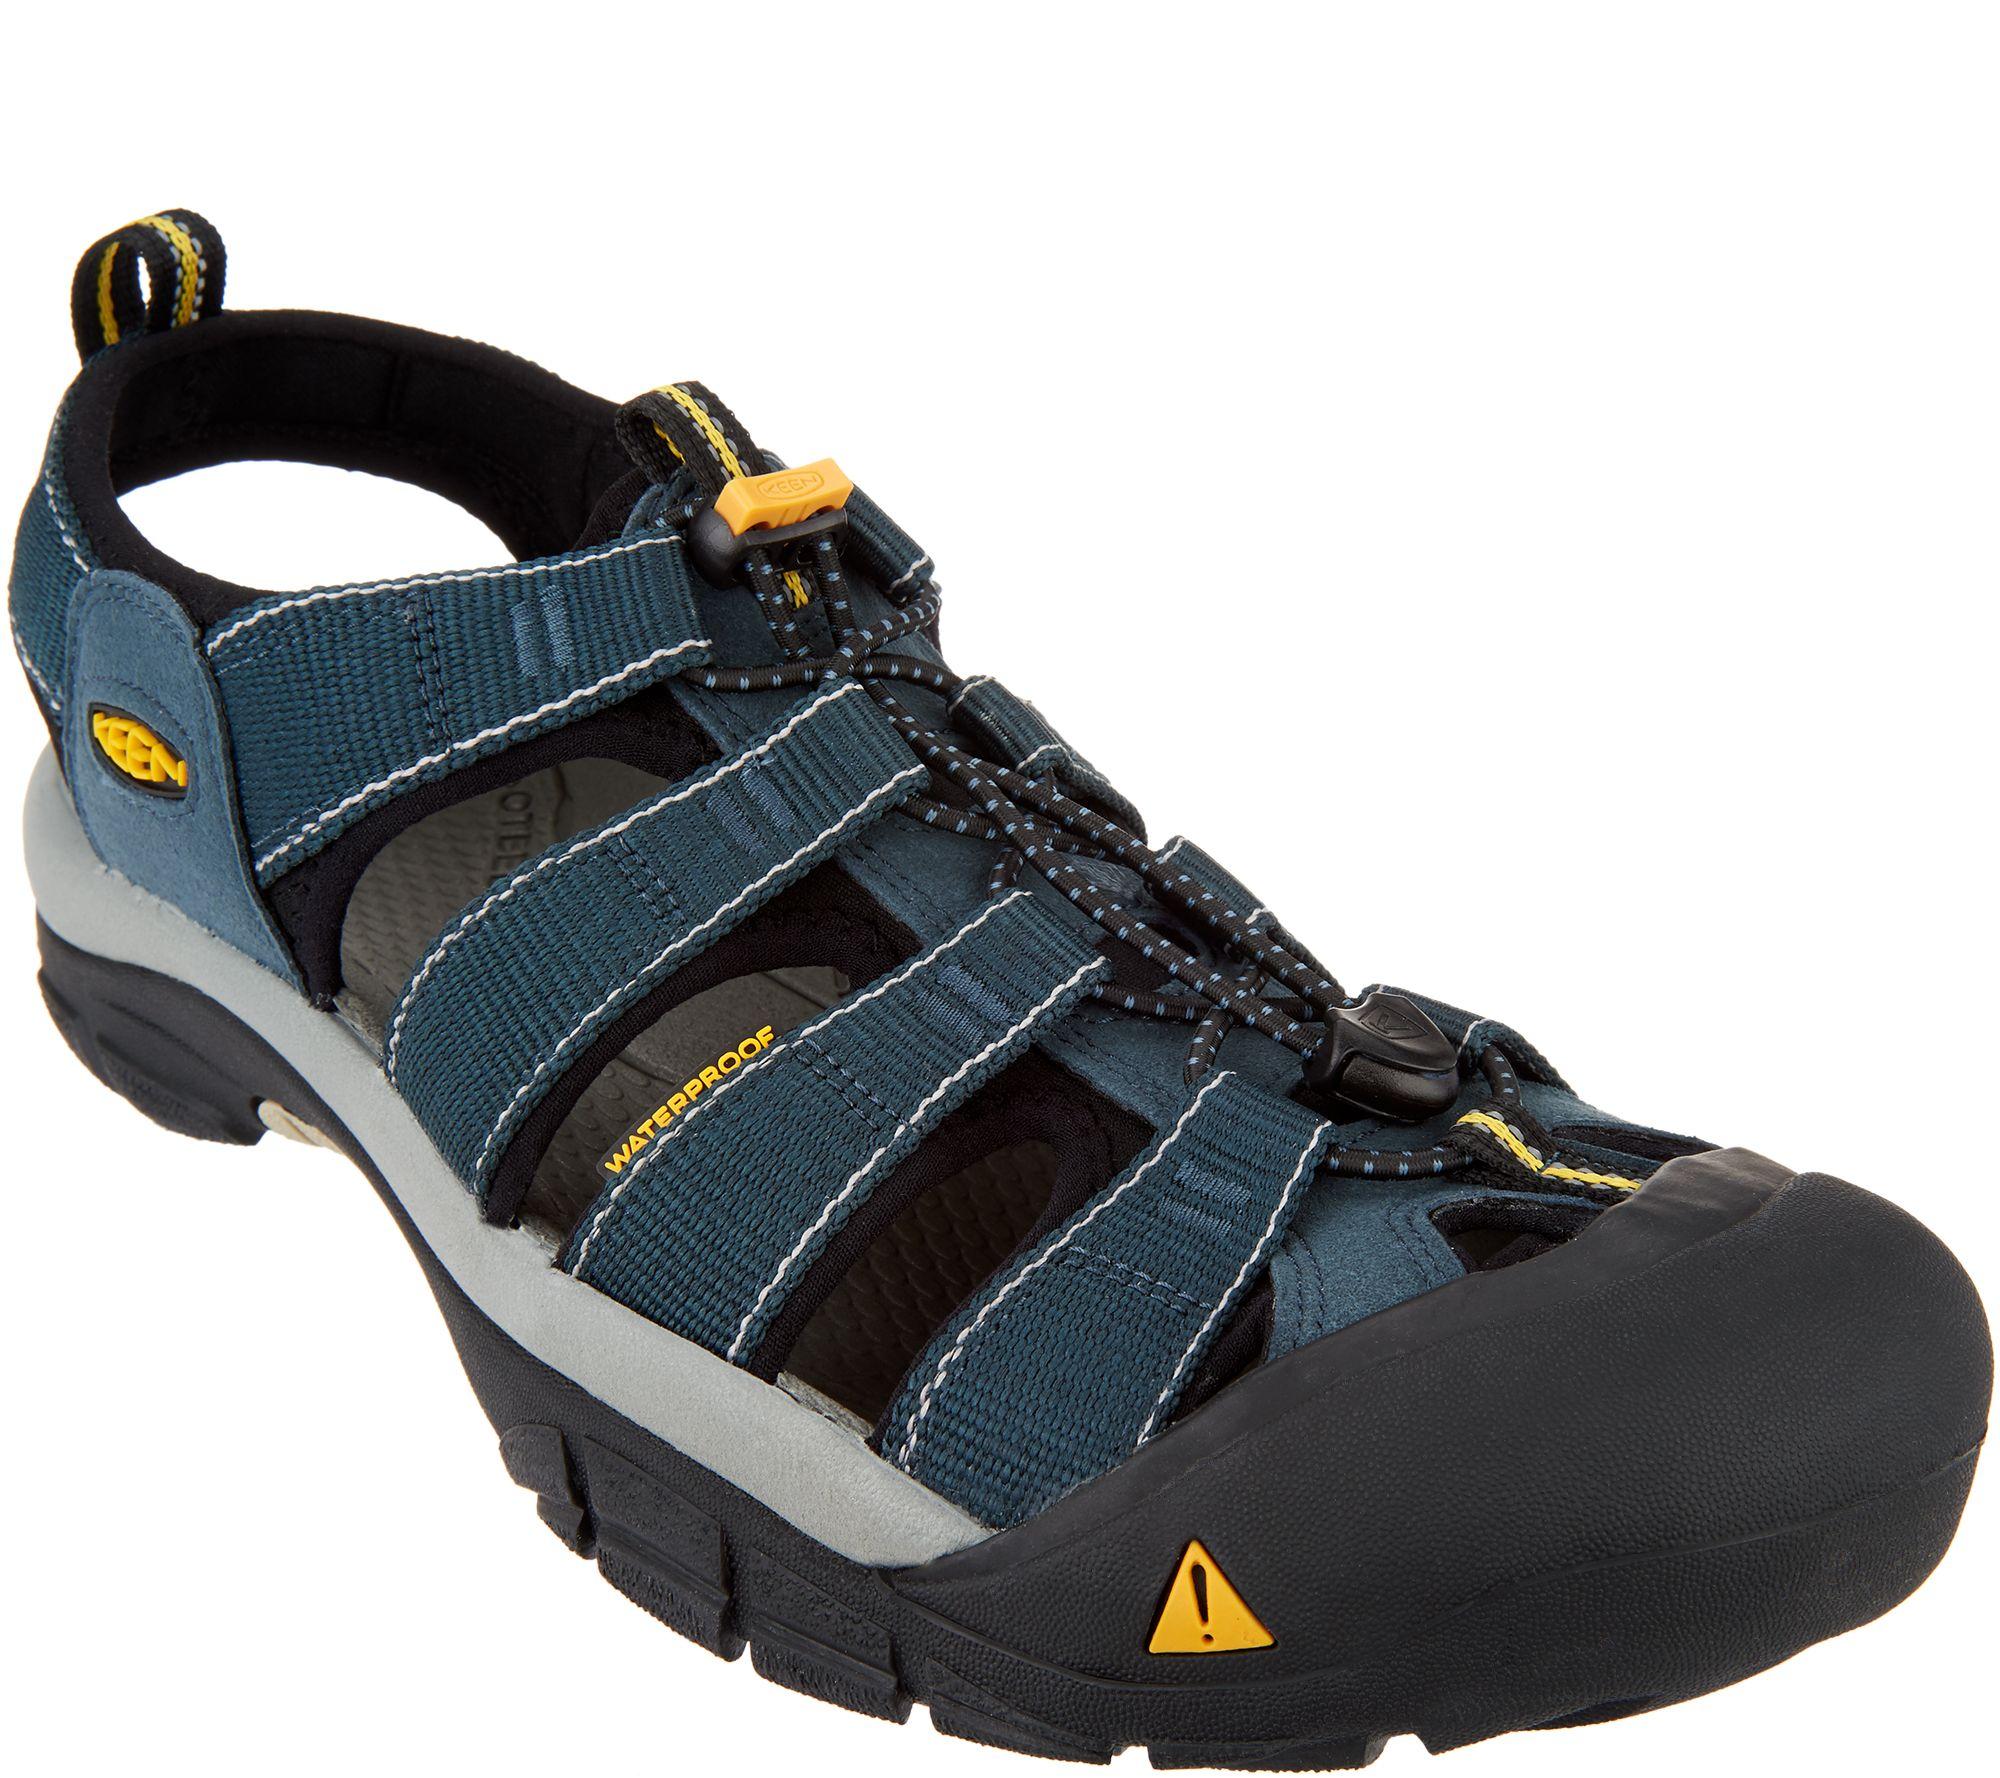 a7c74ab608b9b KEEN Men s Sport Sandals - Newport H2 - Page 1 — QVC.com